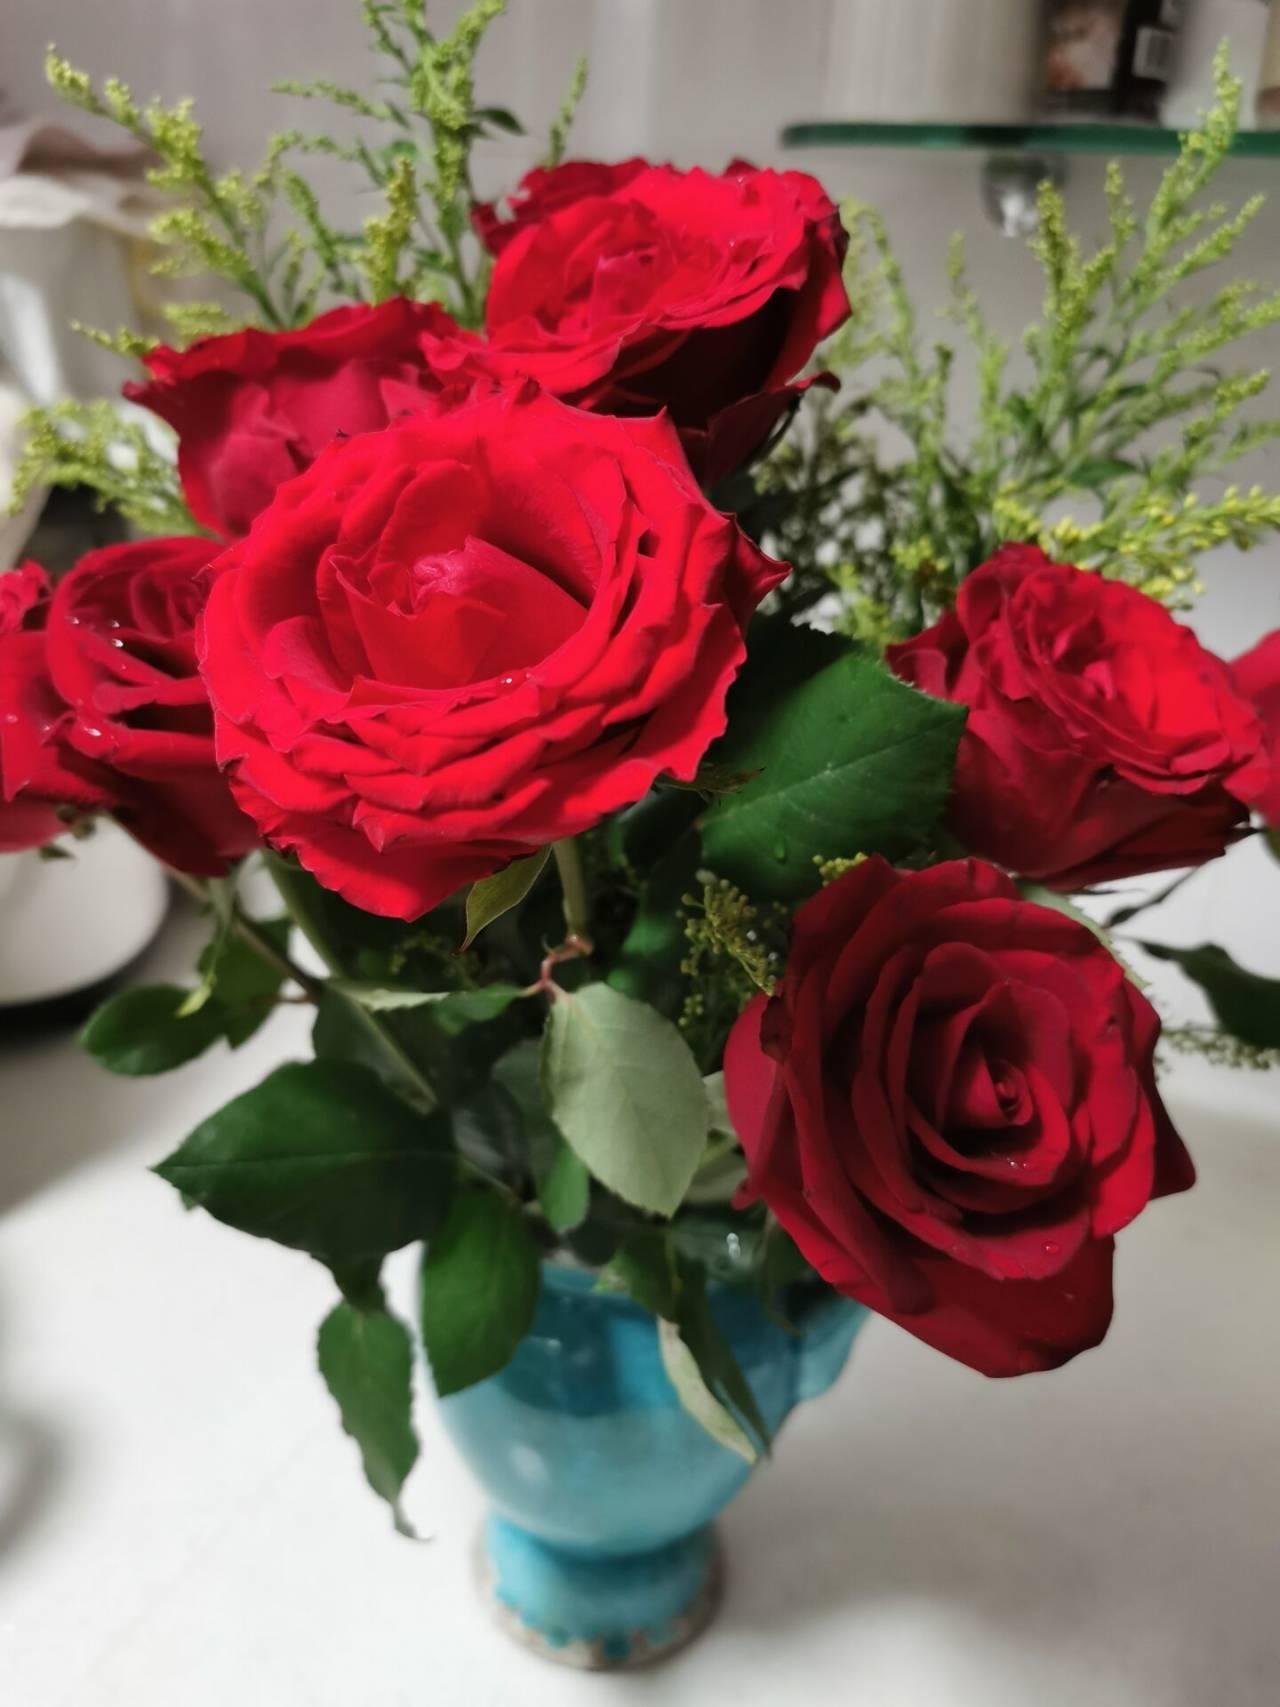 看花老眼之瓶中玫瑰8.jpg